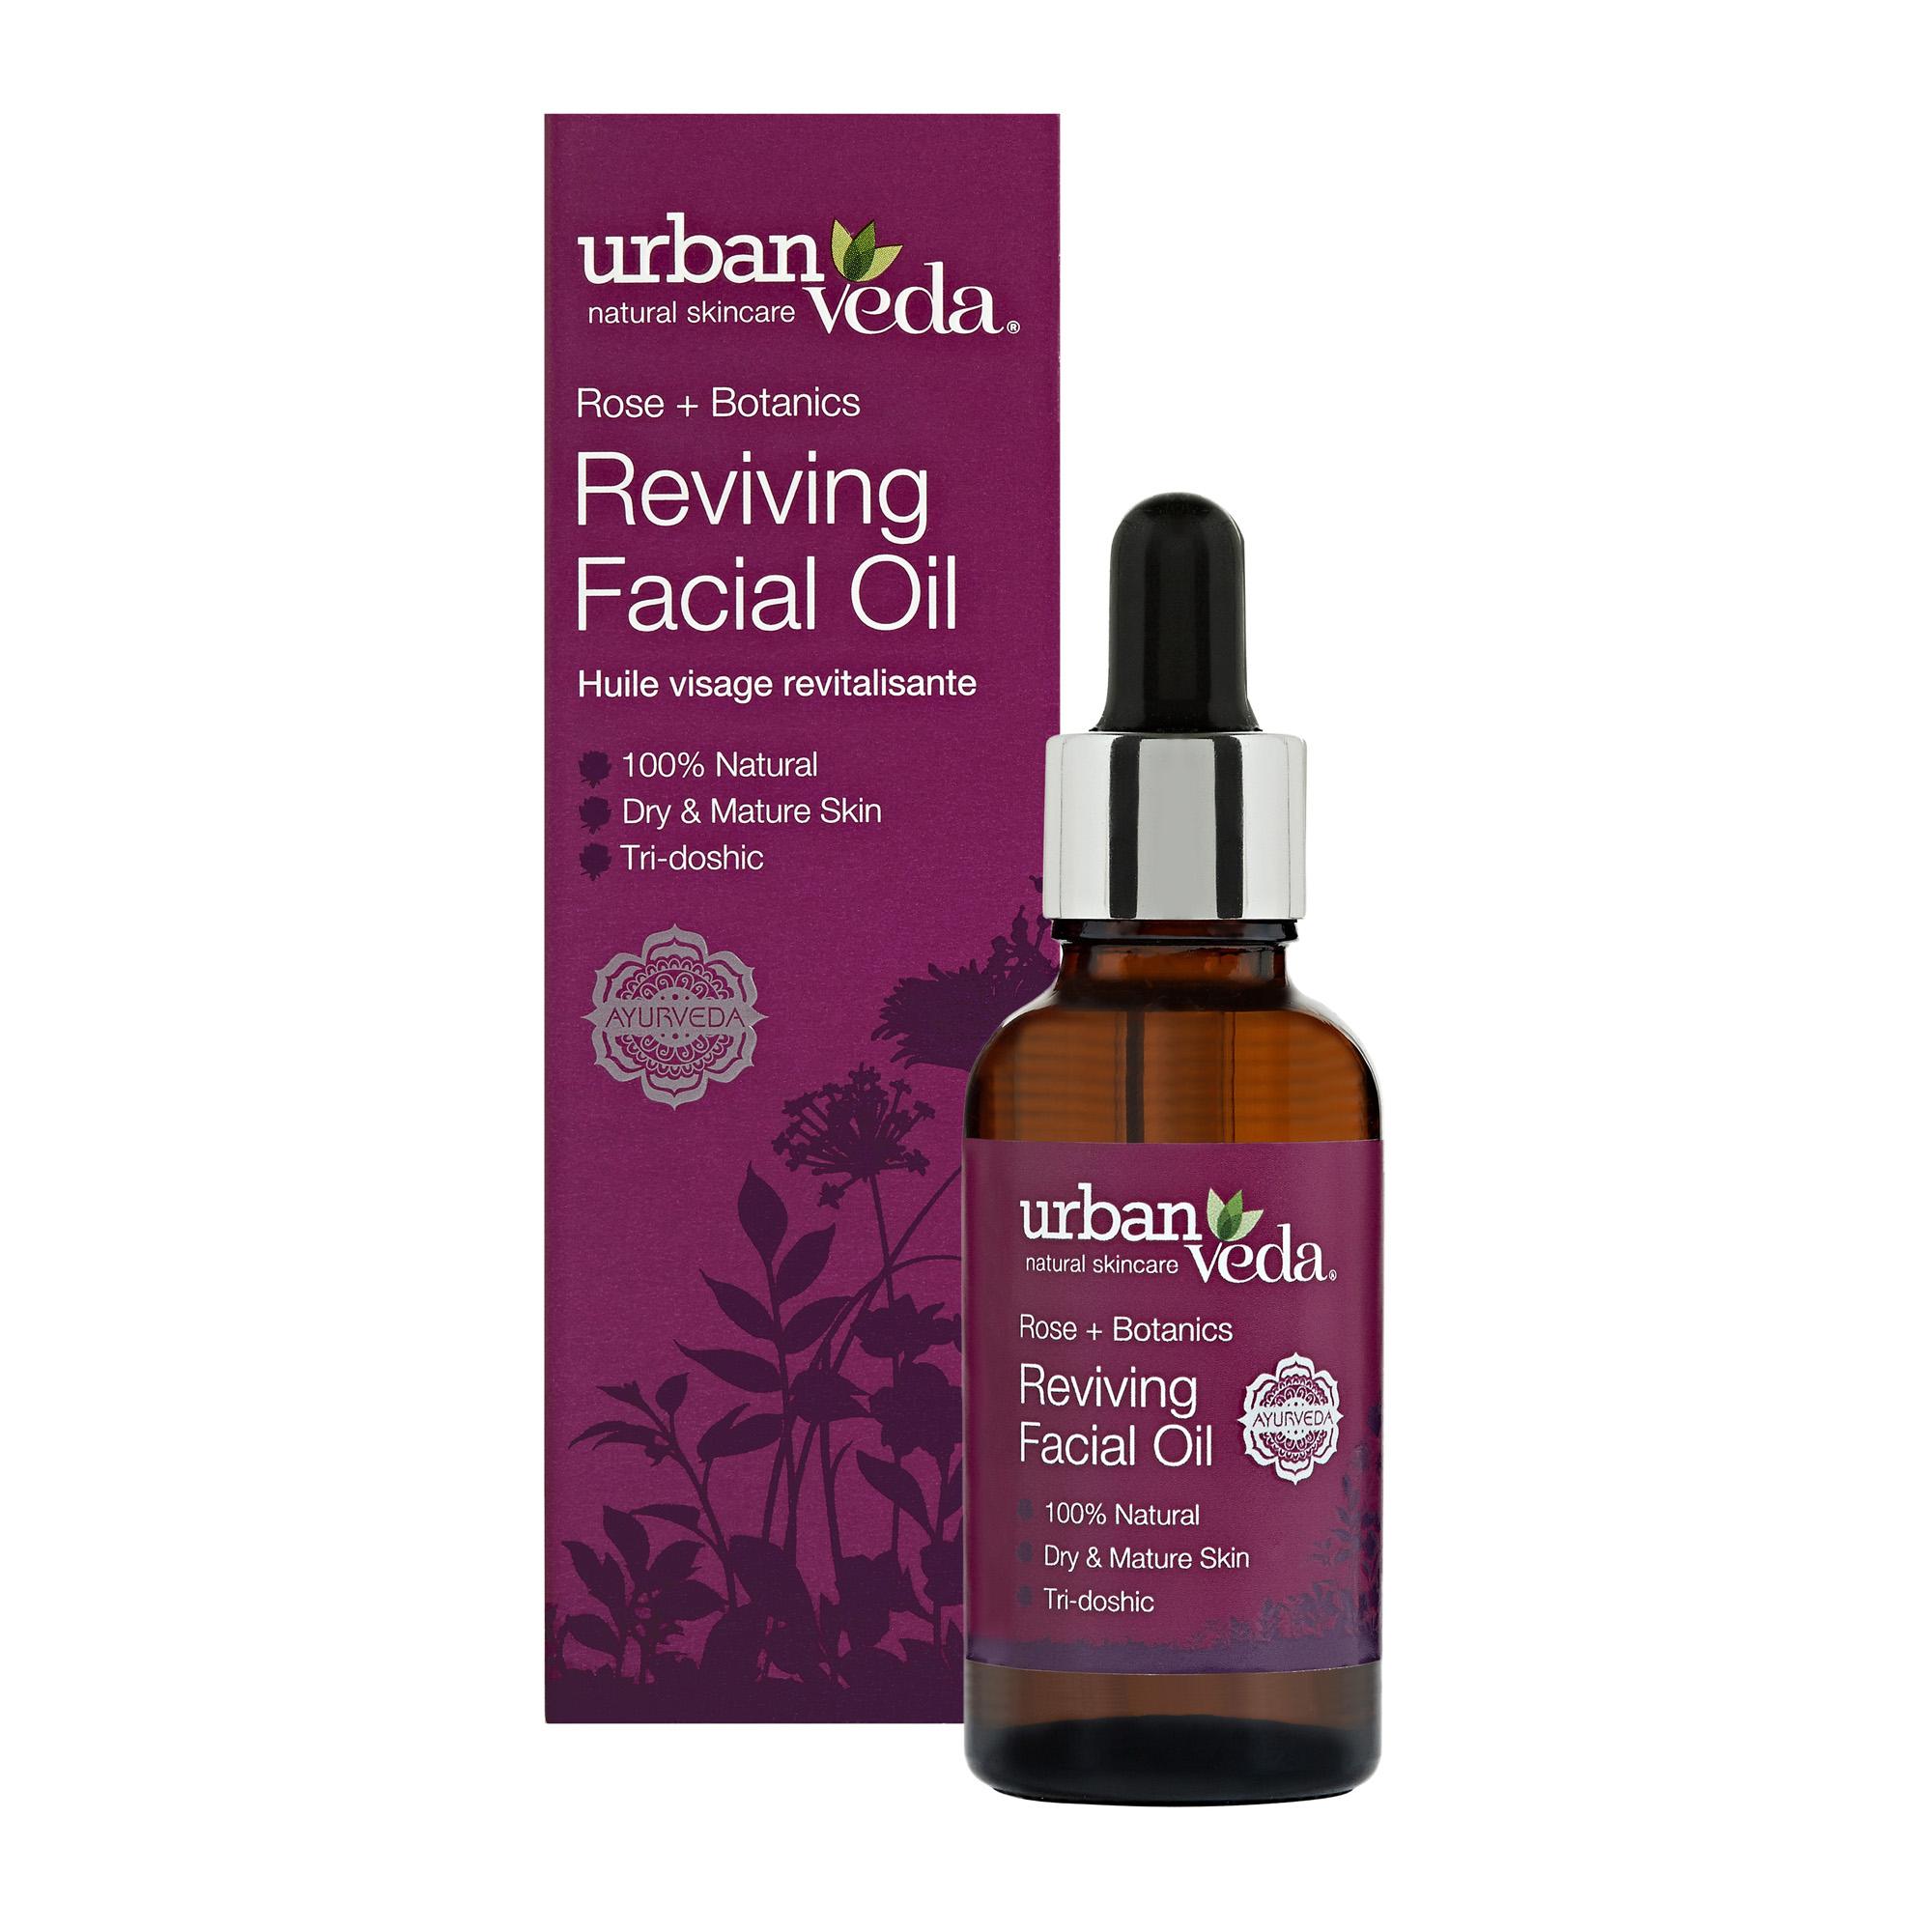 Urban Veda | Urban Veda Reviving Rose Facial Oil, 30ml